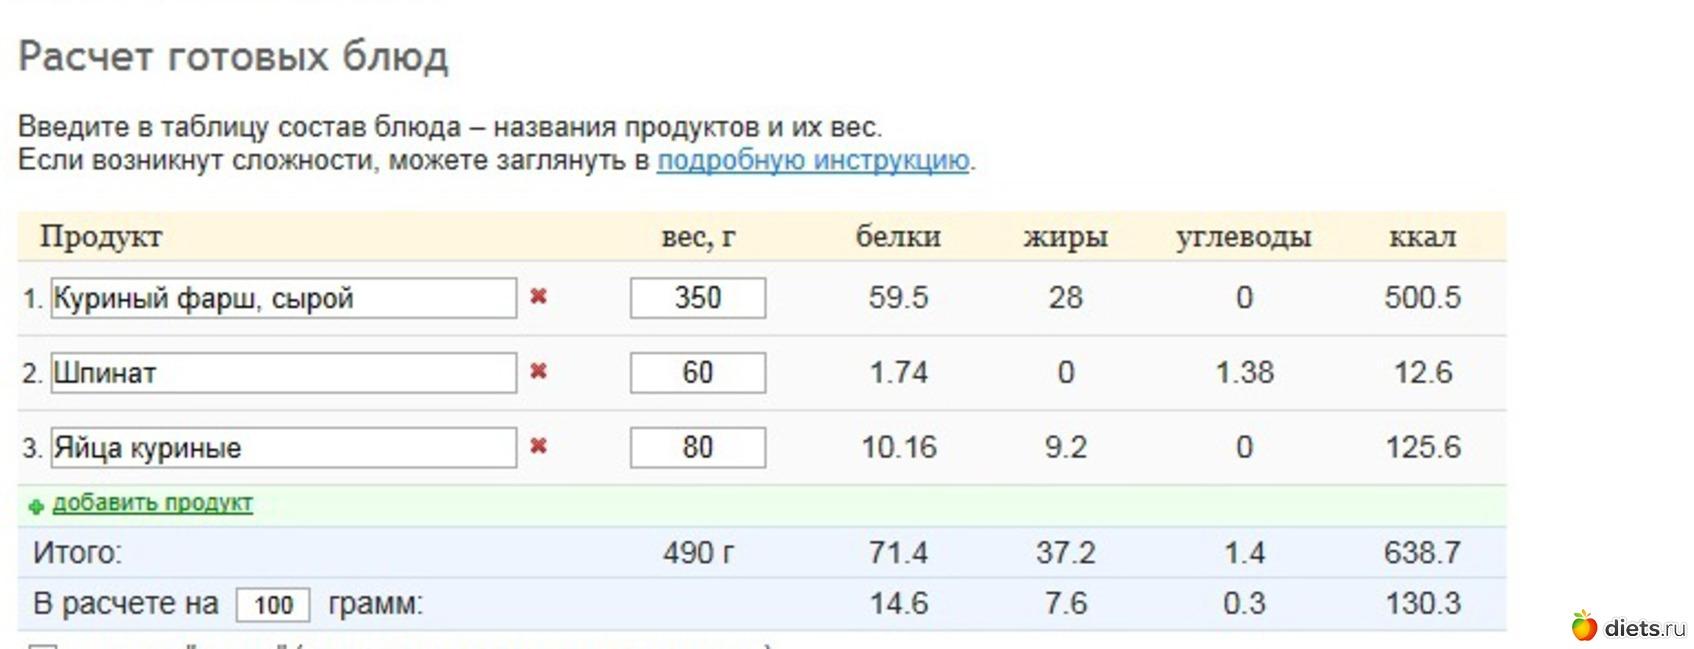 Энергетическая ценность гречки